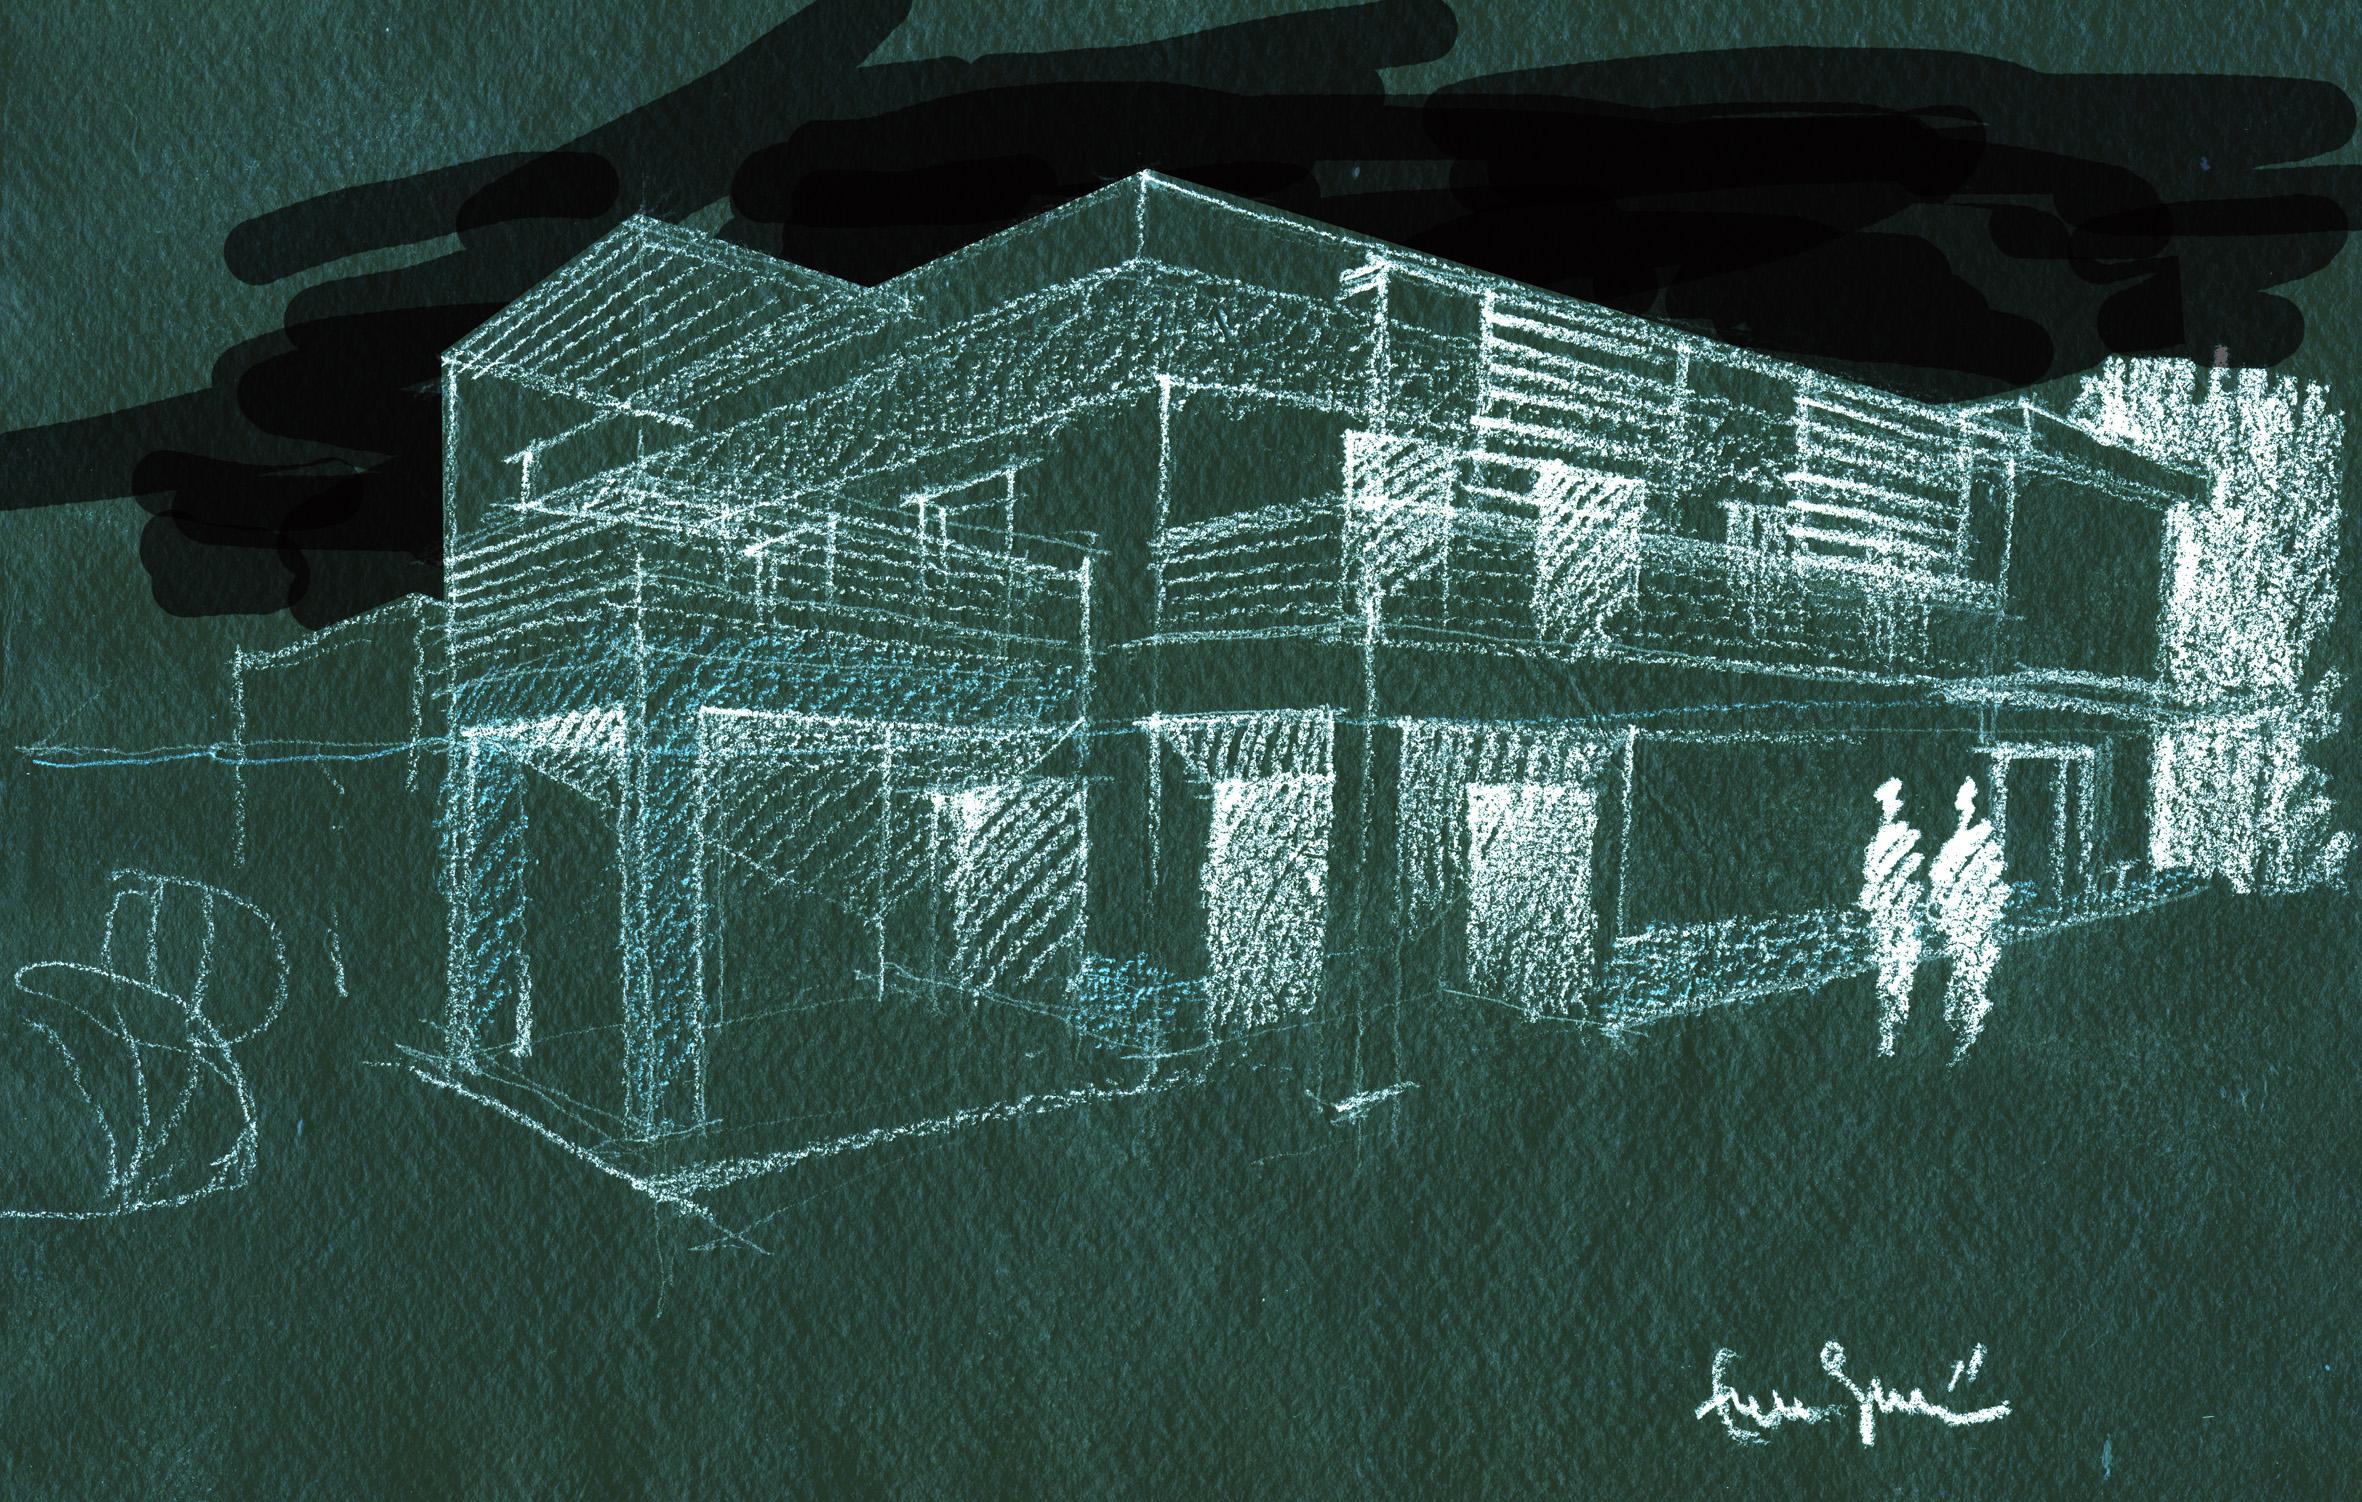 Villa unifamiliare sulla costa laziale roma 2008 09 for Progetti architettura on line